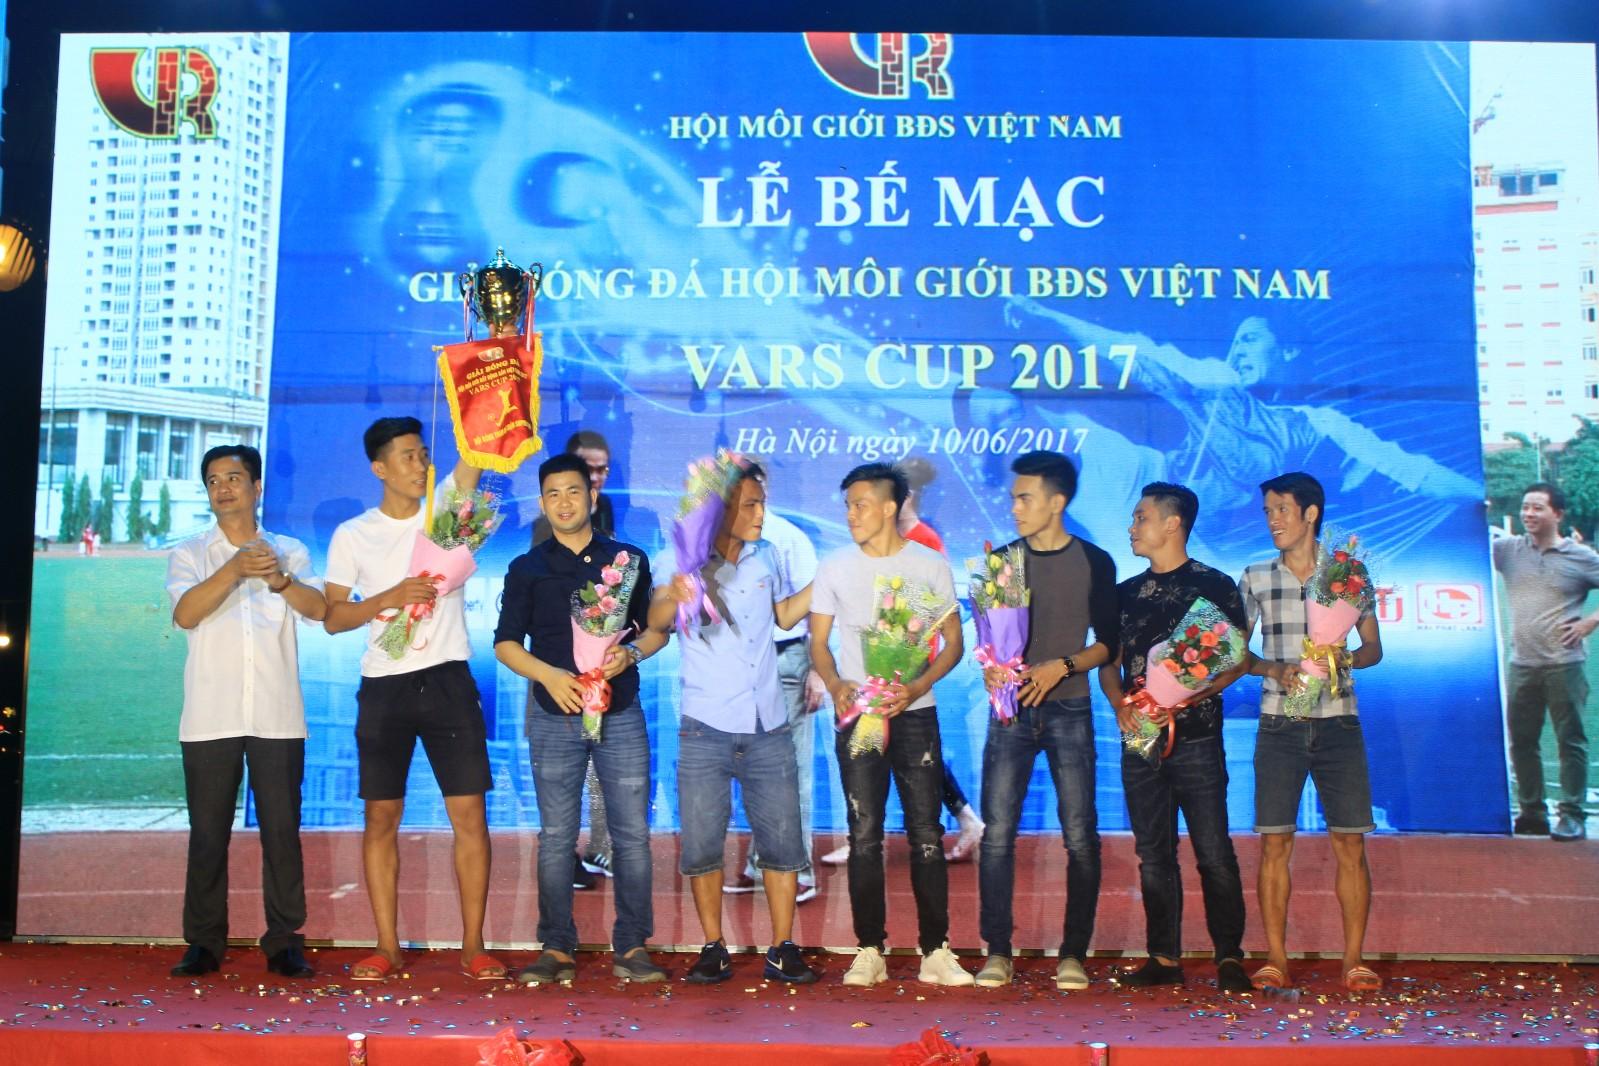 Vạn Xuân Group xứng đáng là đội nhận siêu cup năm 2017.